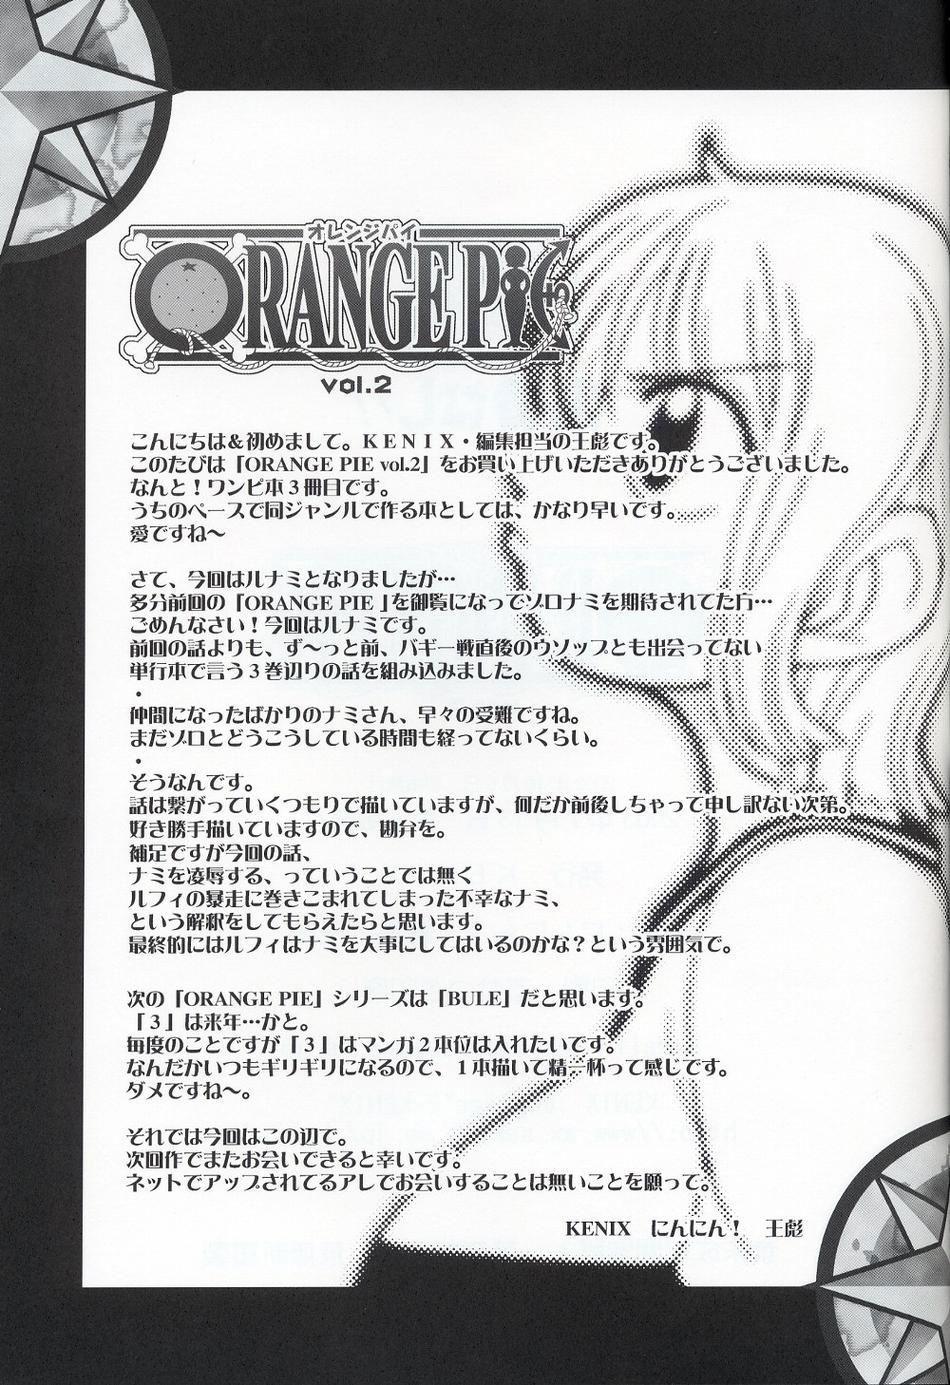 ORANGE PIE Vol. 2 30